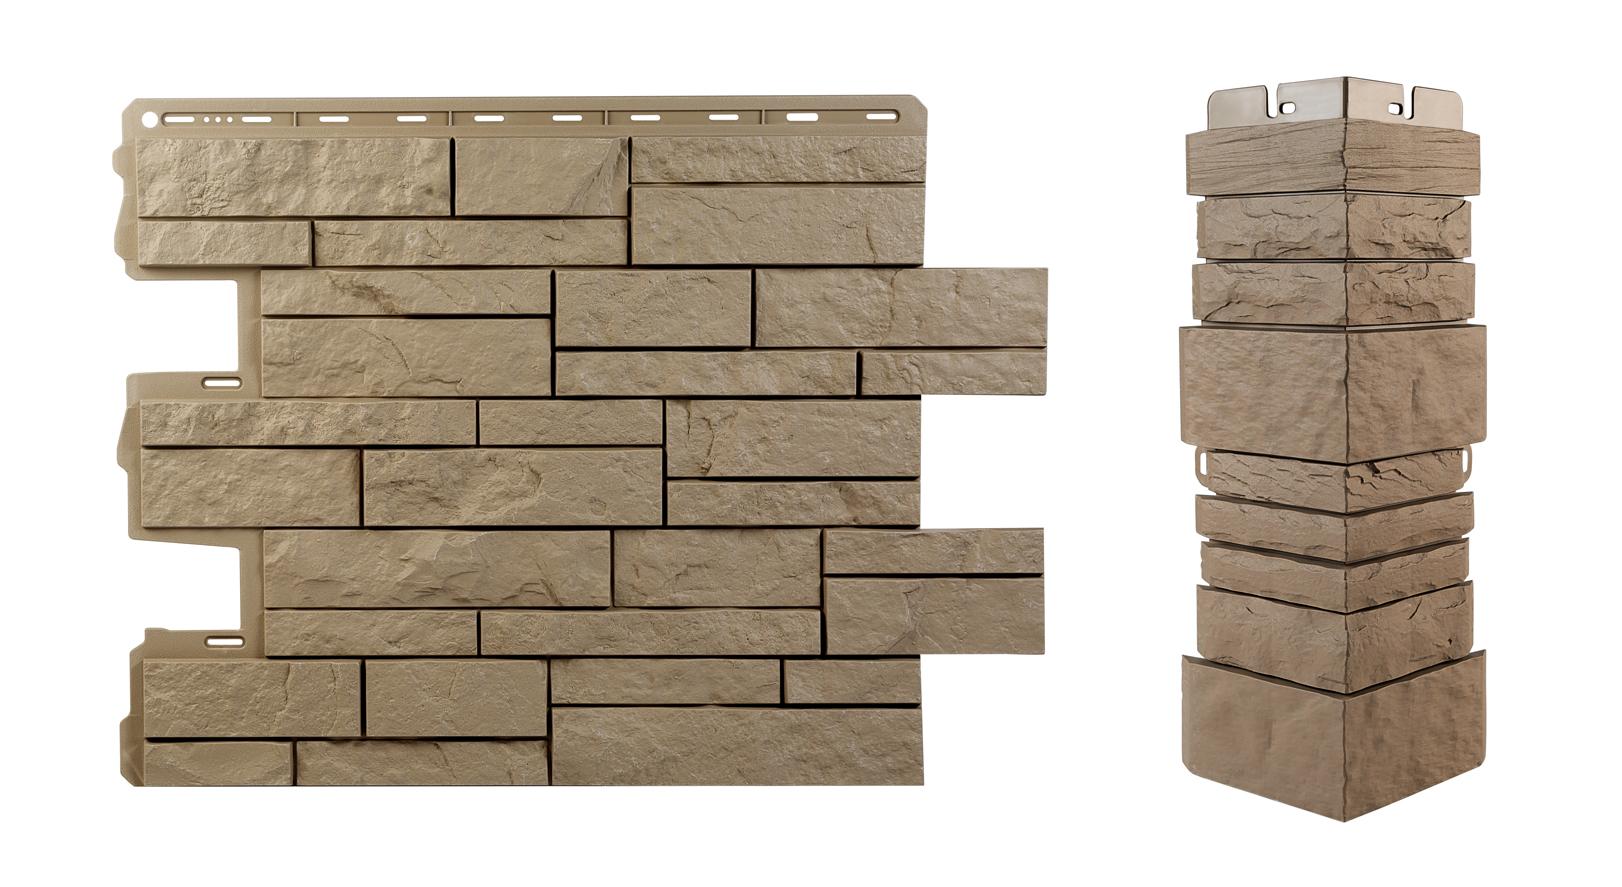 Фасадная панель под Камень Шотландия с комплектующими углом и облицовочной планкой